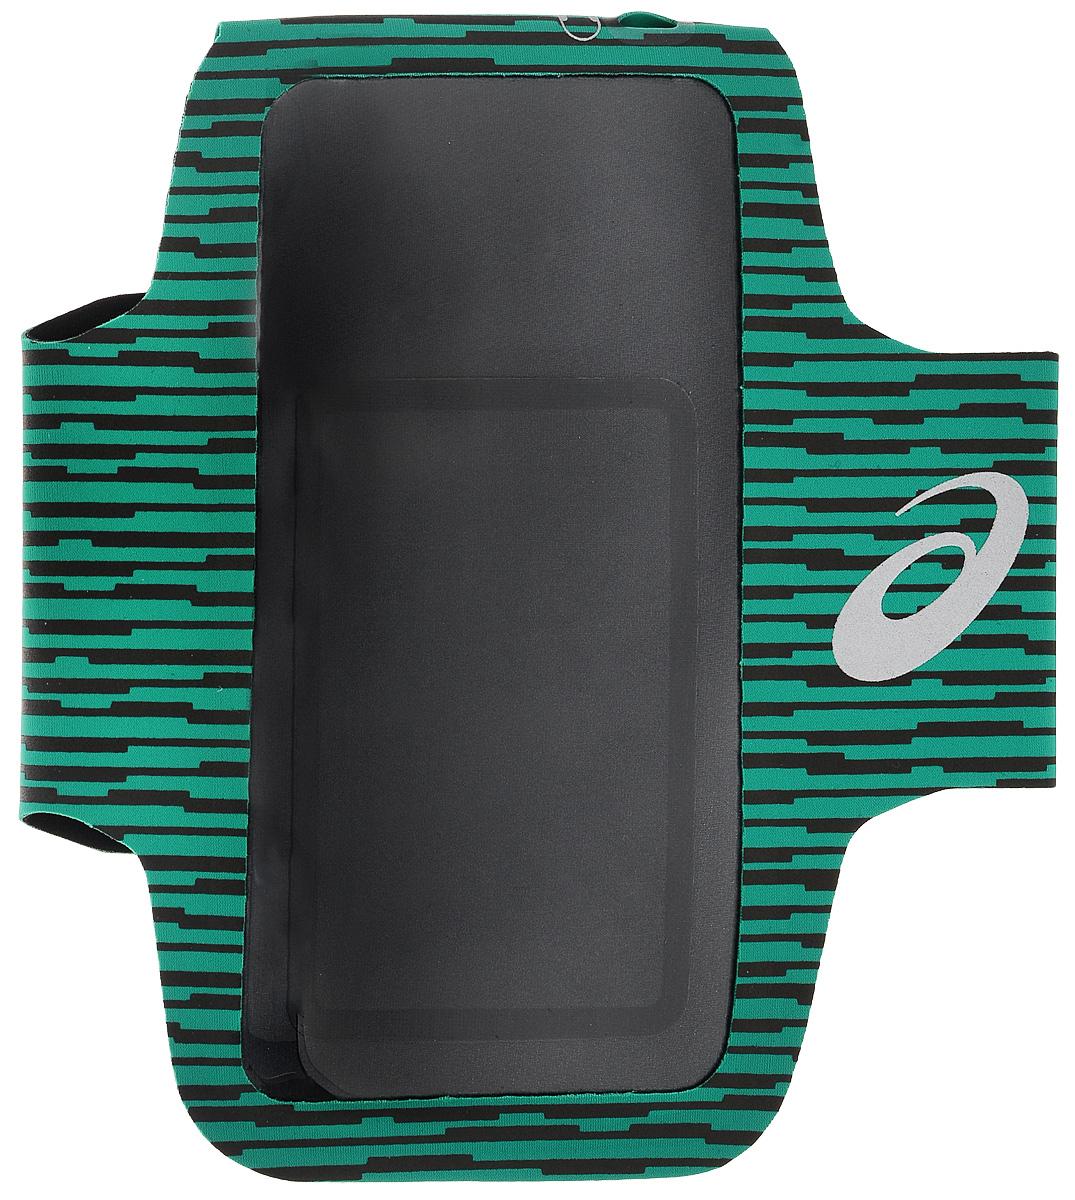 Сумка-чехол для мобильных устройств Asics Mp3 Arm Tube, цвет: зеленый, черный127670-1161Сумка-чехол для мобильных устройств Asics Mp3 Arm Tube идеально подходит для бега. Чехол имеет прозрачное окошко под размер экрана iPhone 6, позволяющее осуществлять сенсорное управление электронным устройством, и отверстие для наушников. Также имеется дополнительное отделение для ключа. Чехол надежно крепится к руке при помощи эластичного держателя на липучке. Регулируемая длина липучки обеспечит комфортную посадку. Светоотражающие детали гарантируют безопасность в темное время суток. Бегите, не расставаясь с любимыми песнями, благодаря легкому держателю для плеера, настолько комфортному, что вы забудете о том, что на вашей руке что-то надето.